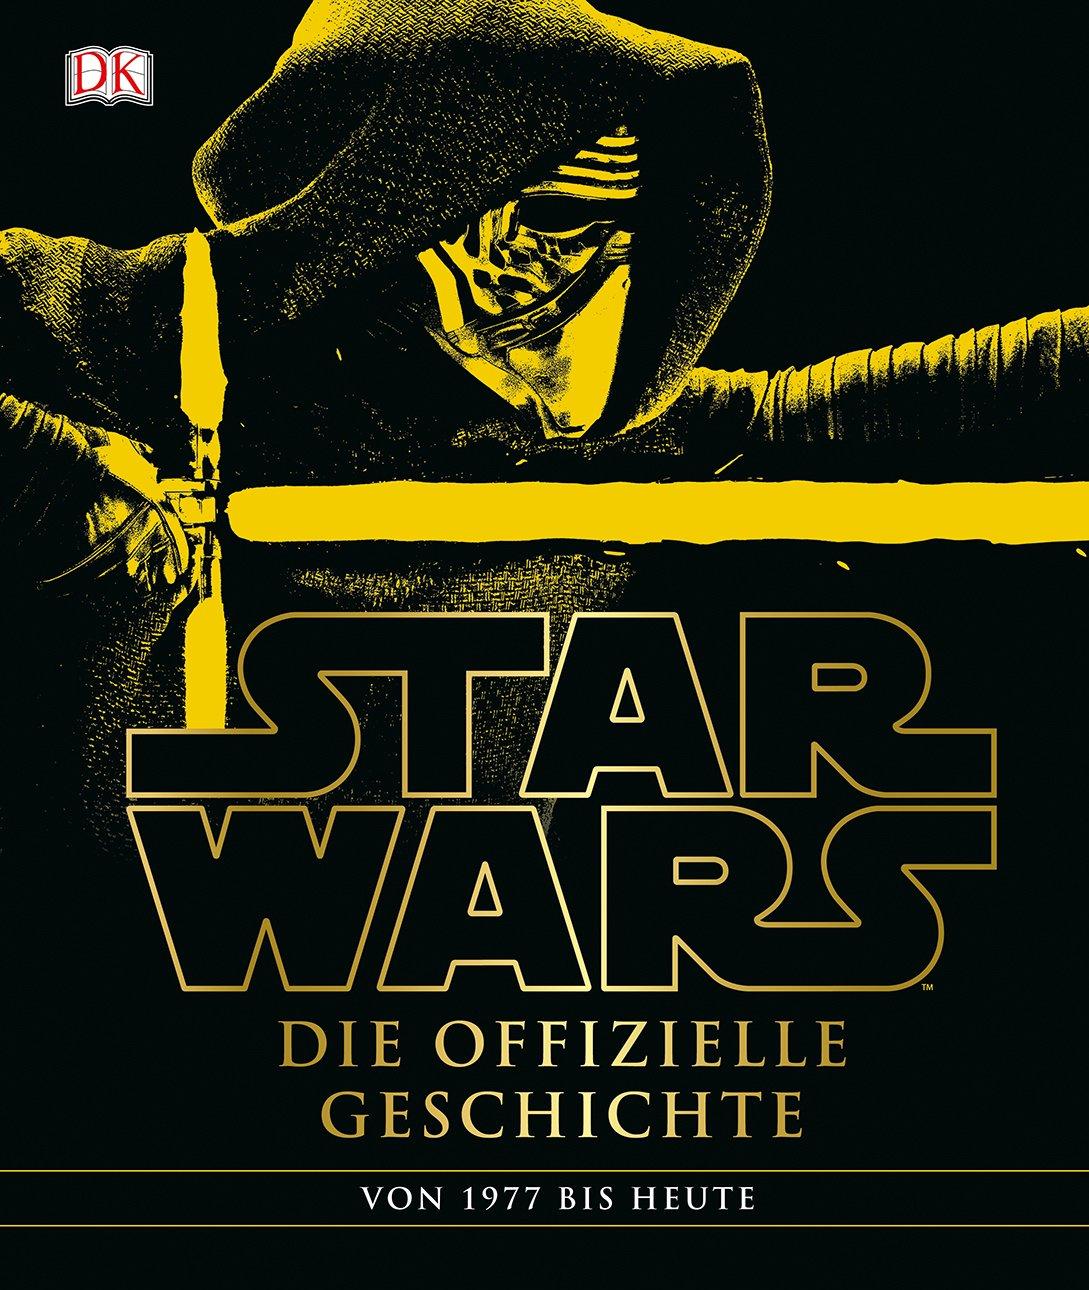 Star Wars Geschichte